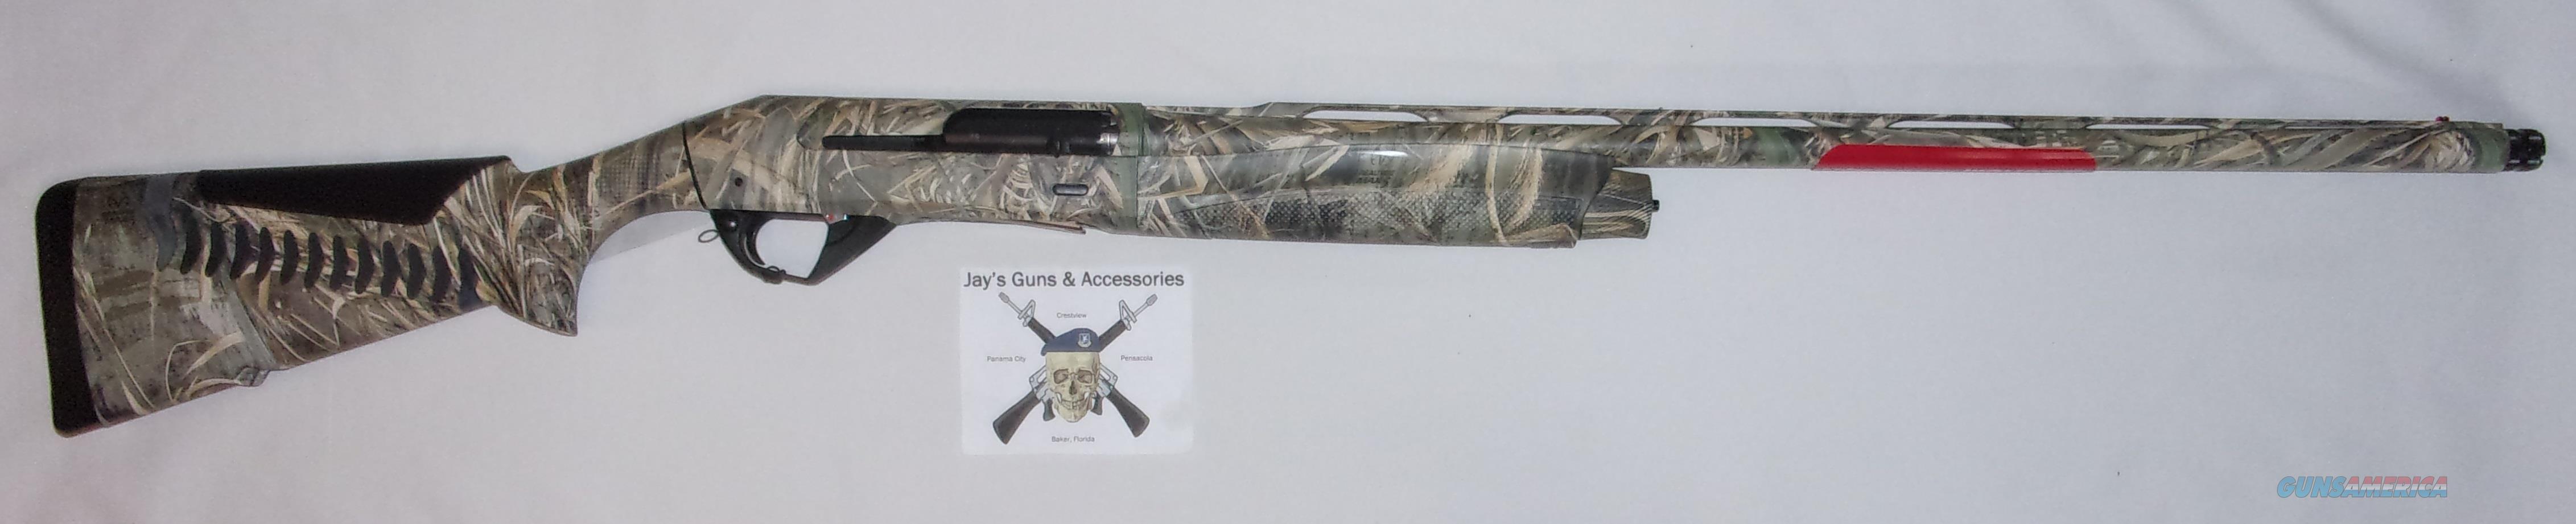 Benelli Super Black Eagle 3 (10301)  Guns > Shotguns > Benelli Shotguns > Sporting